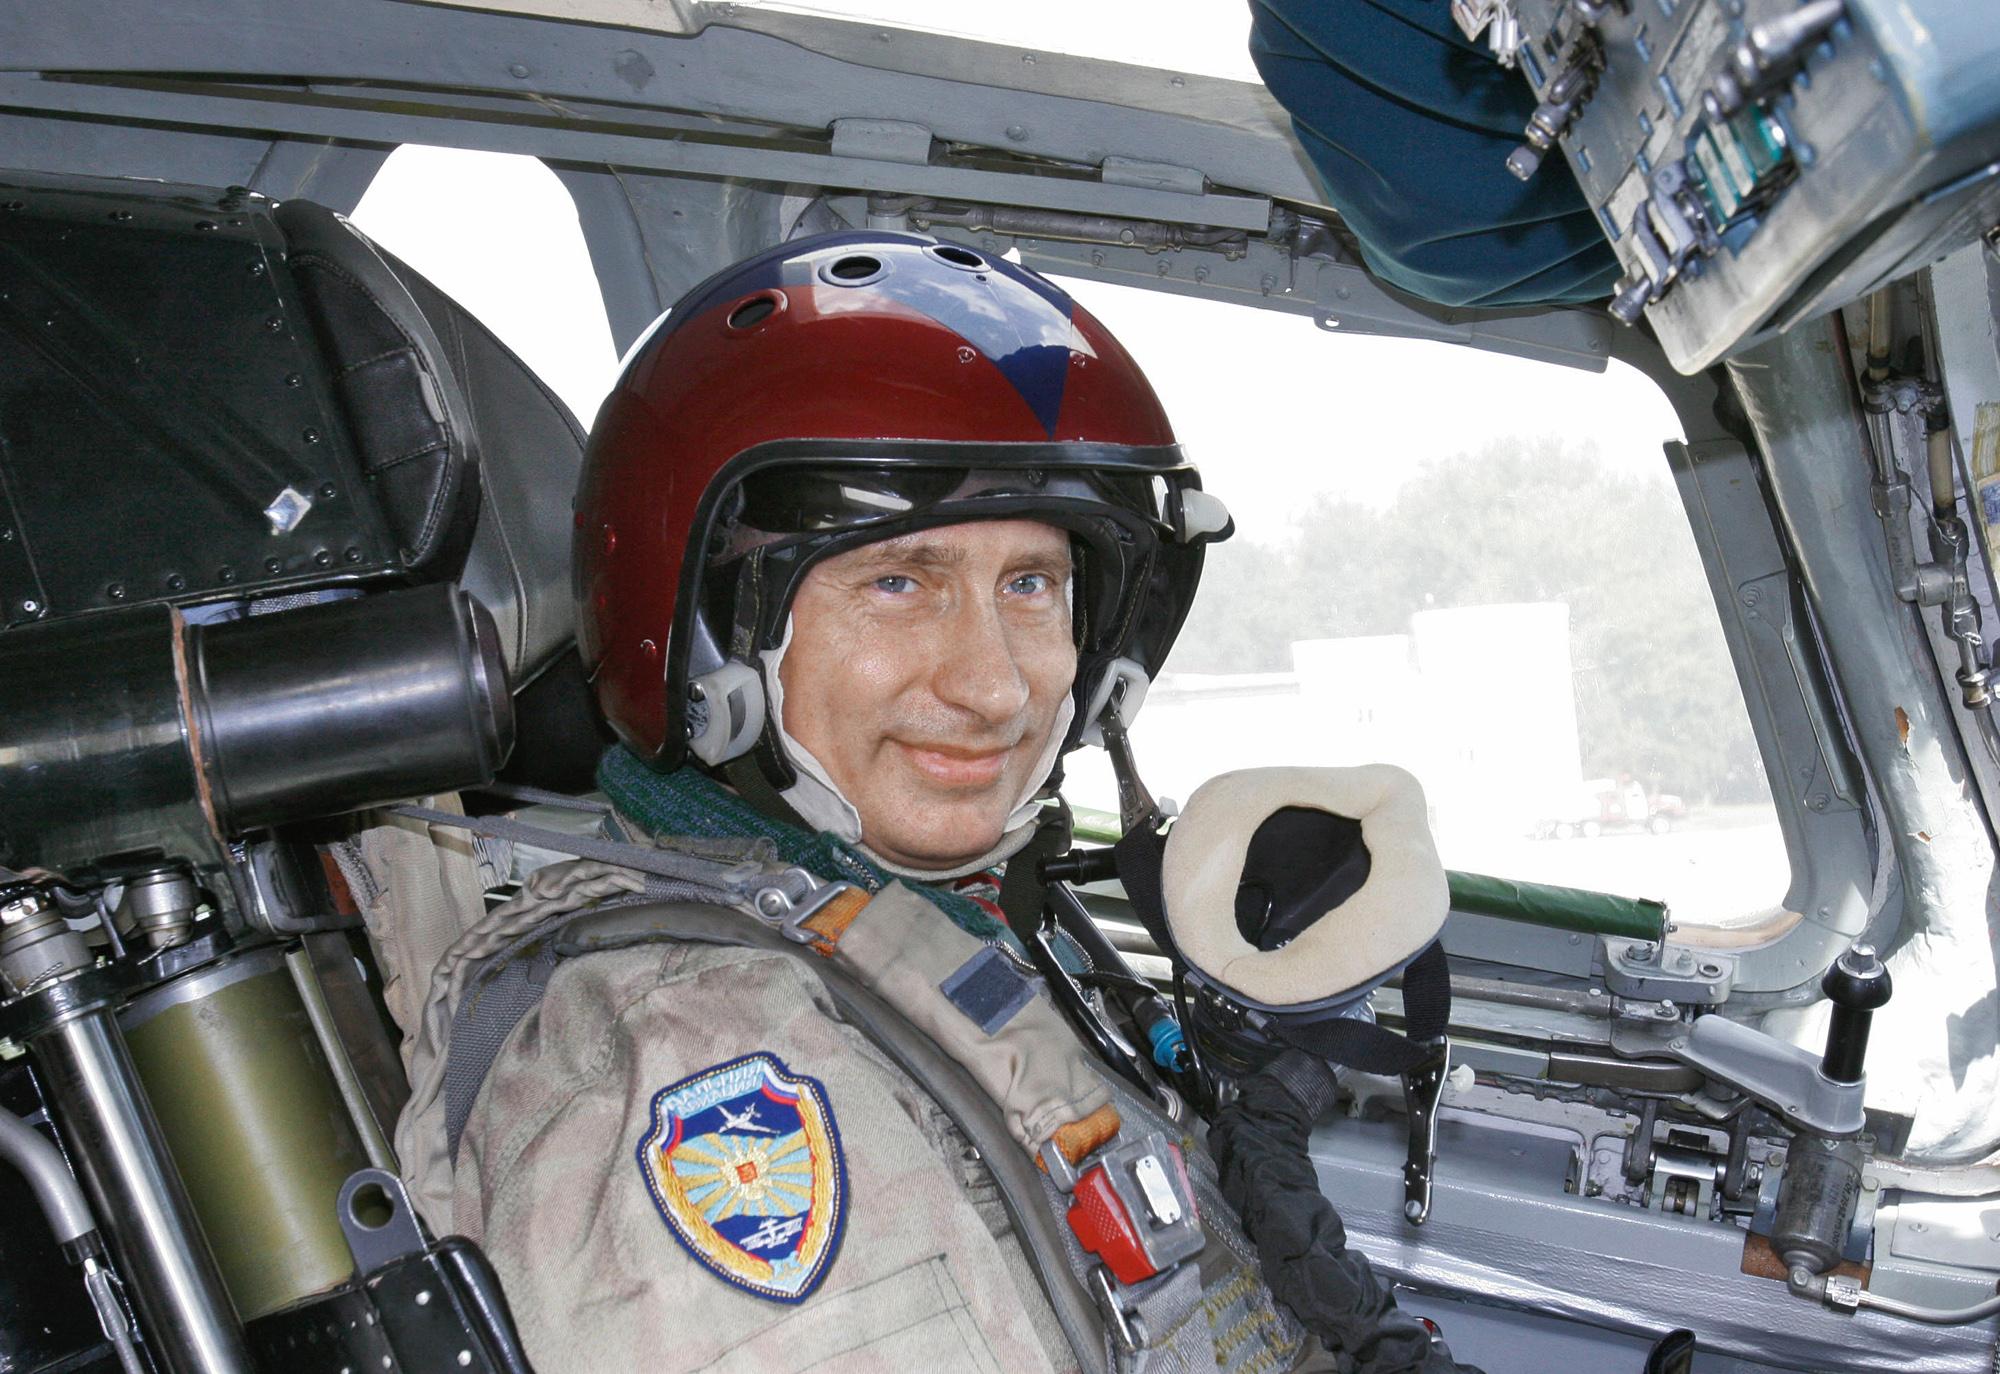 Putin pilot